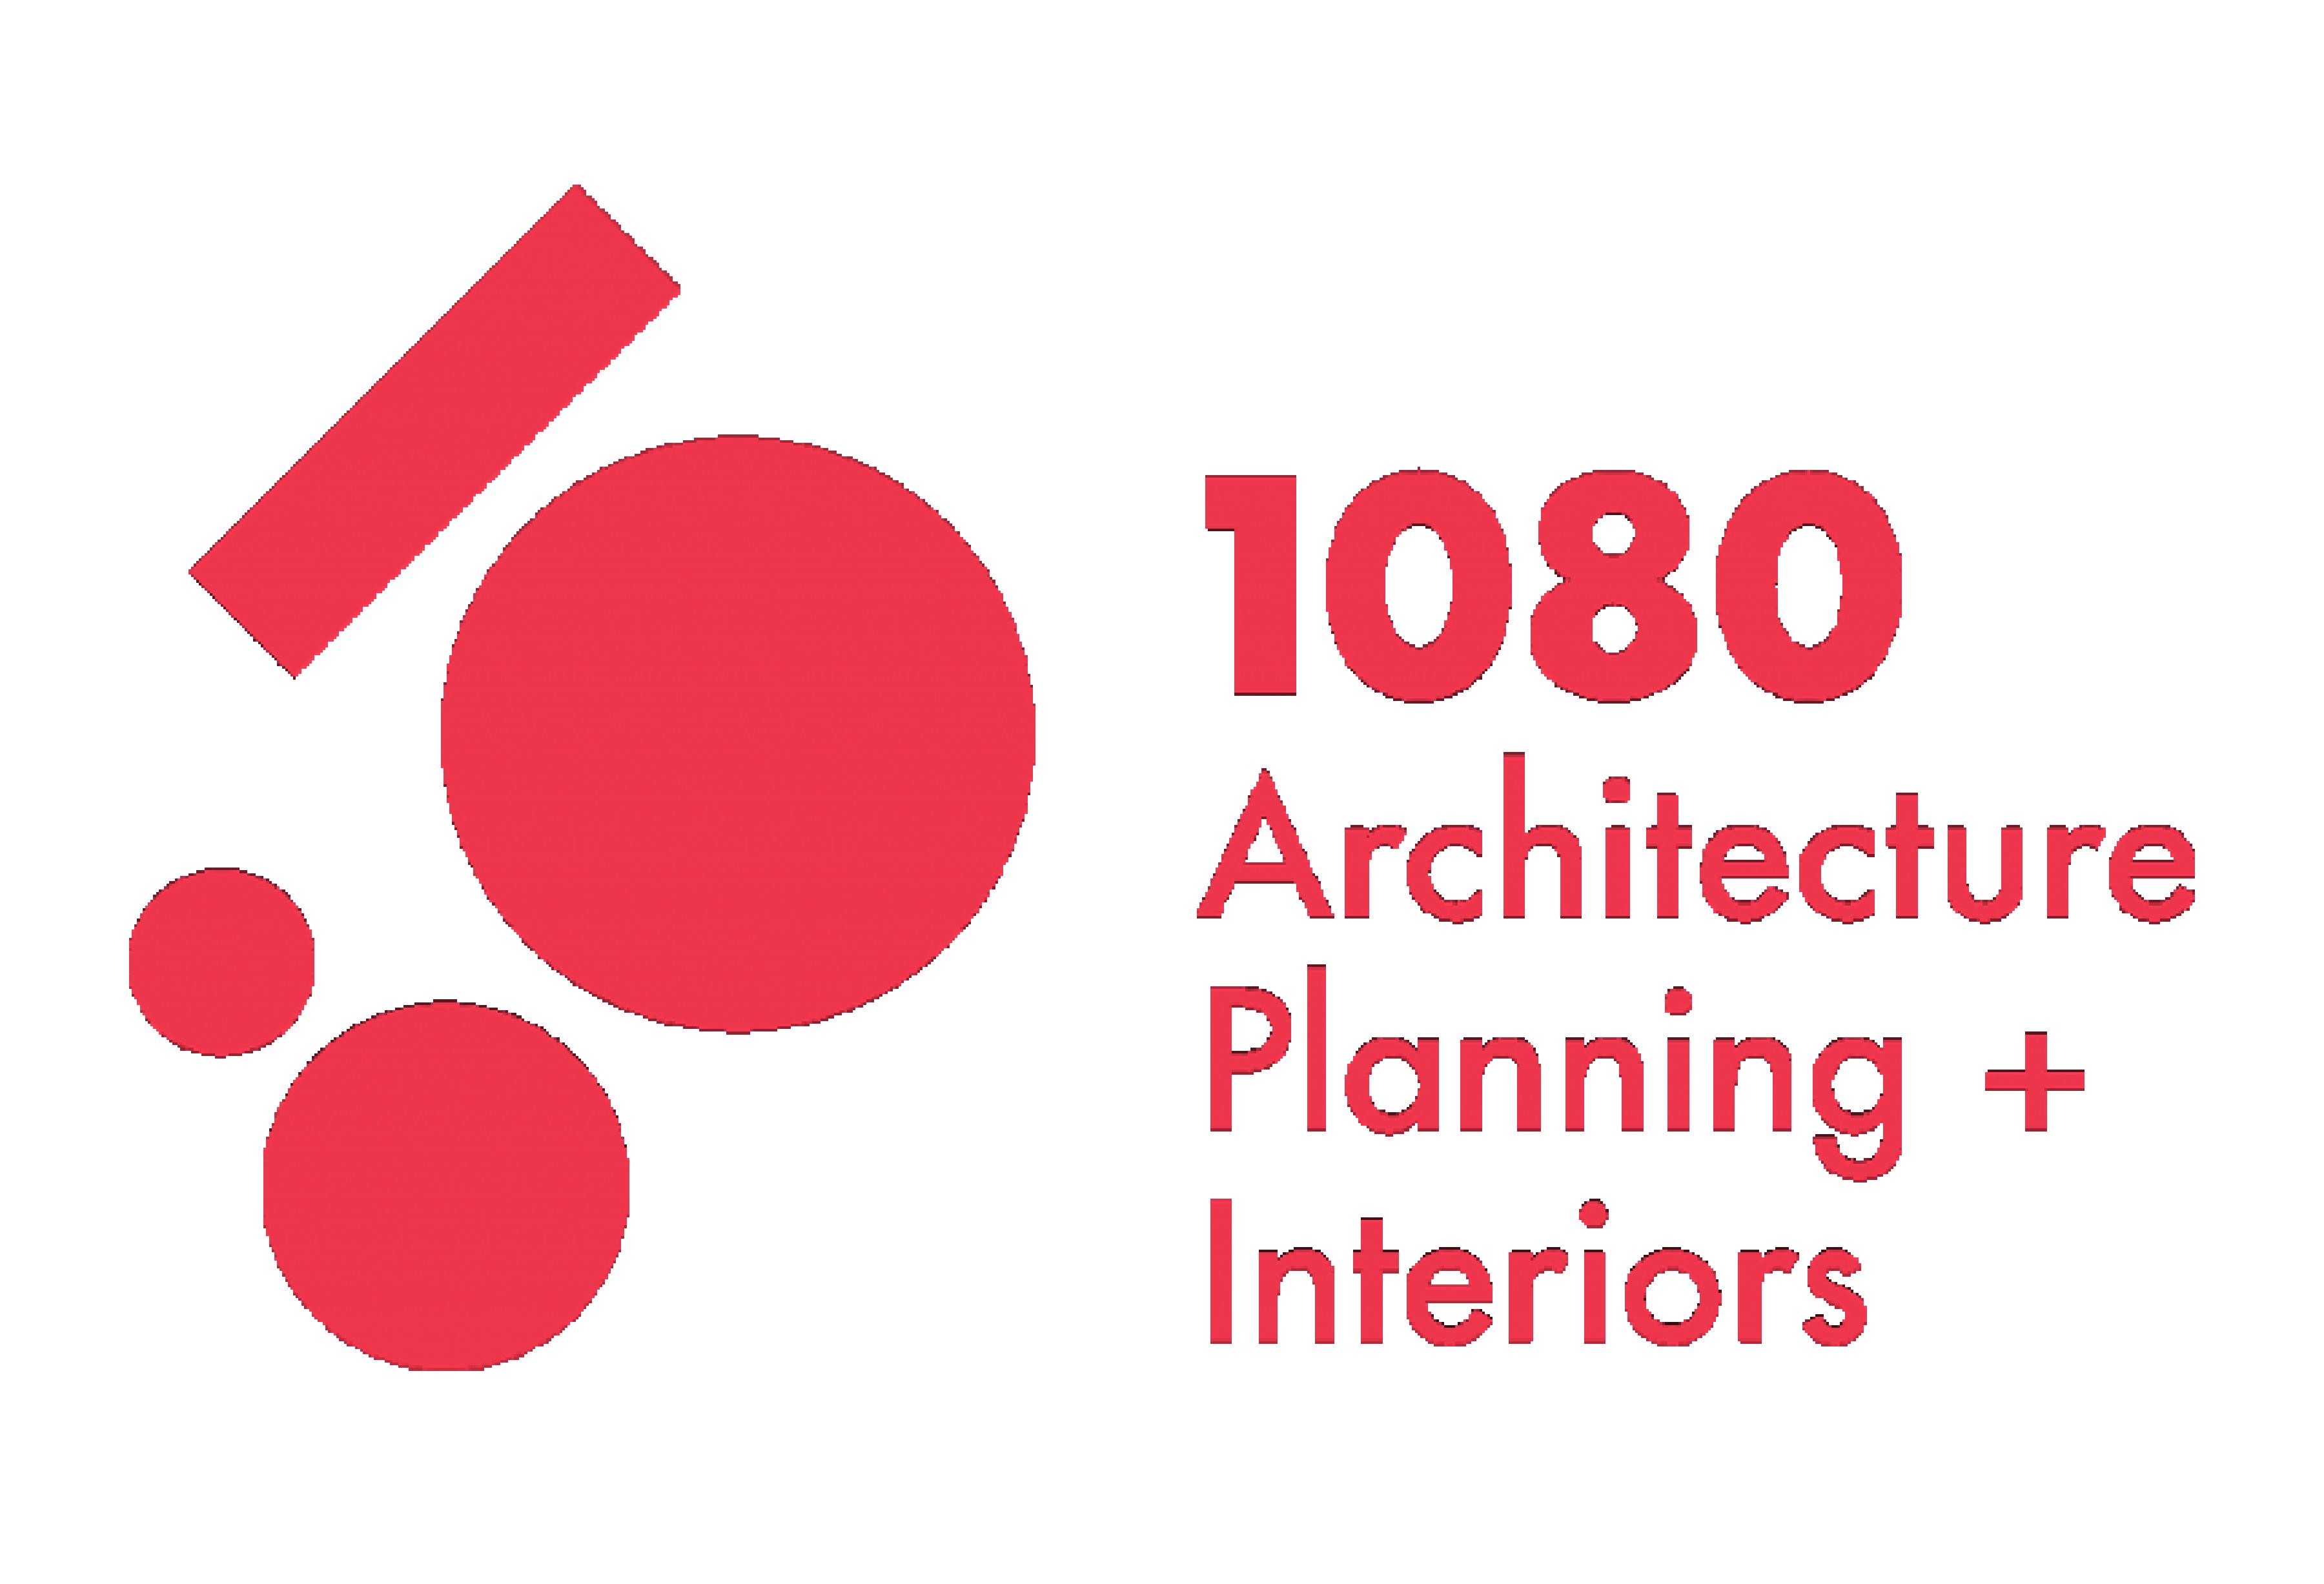 1080 Architecture Planning + Interiors